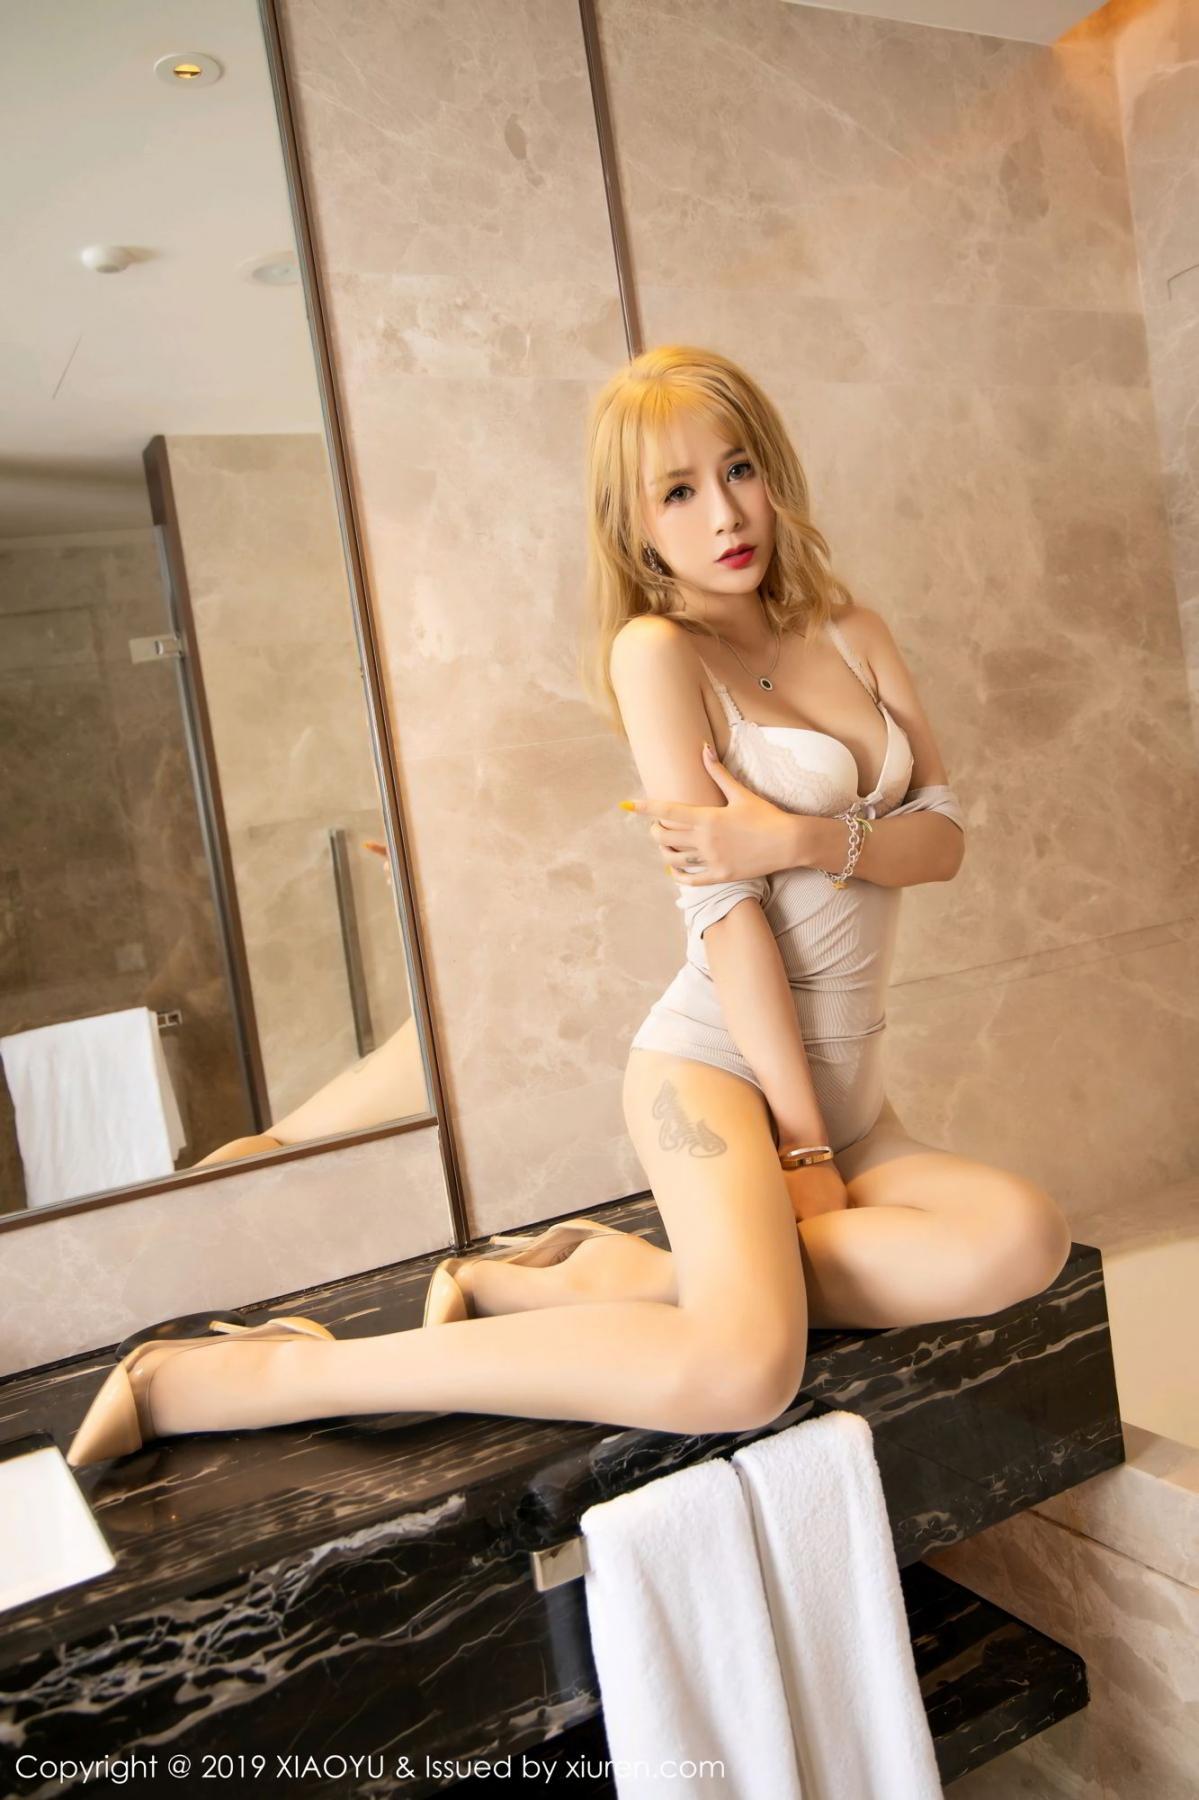 [XiaoYu] Vol.131 Feng Xi Wen 27P, Bathroom, Feng Xi Wen, Tall, Underwear, XiaoYu